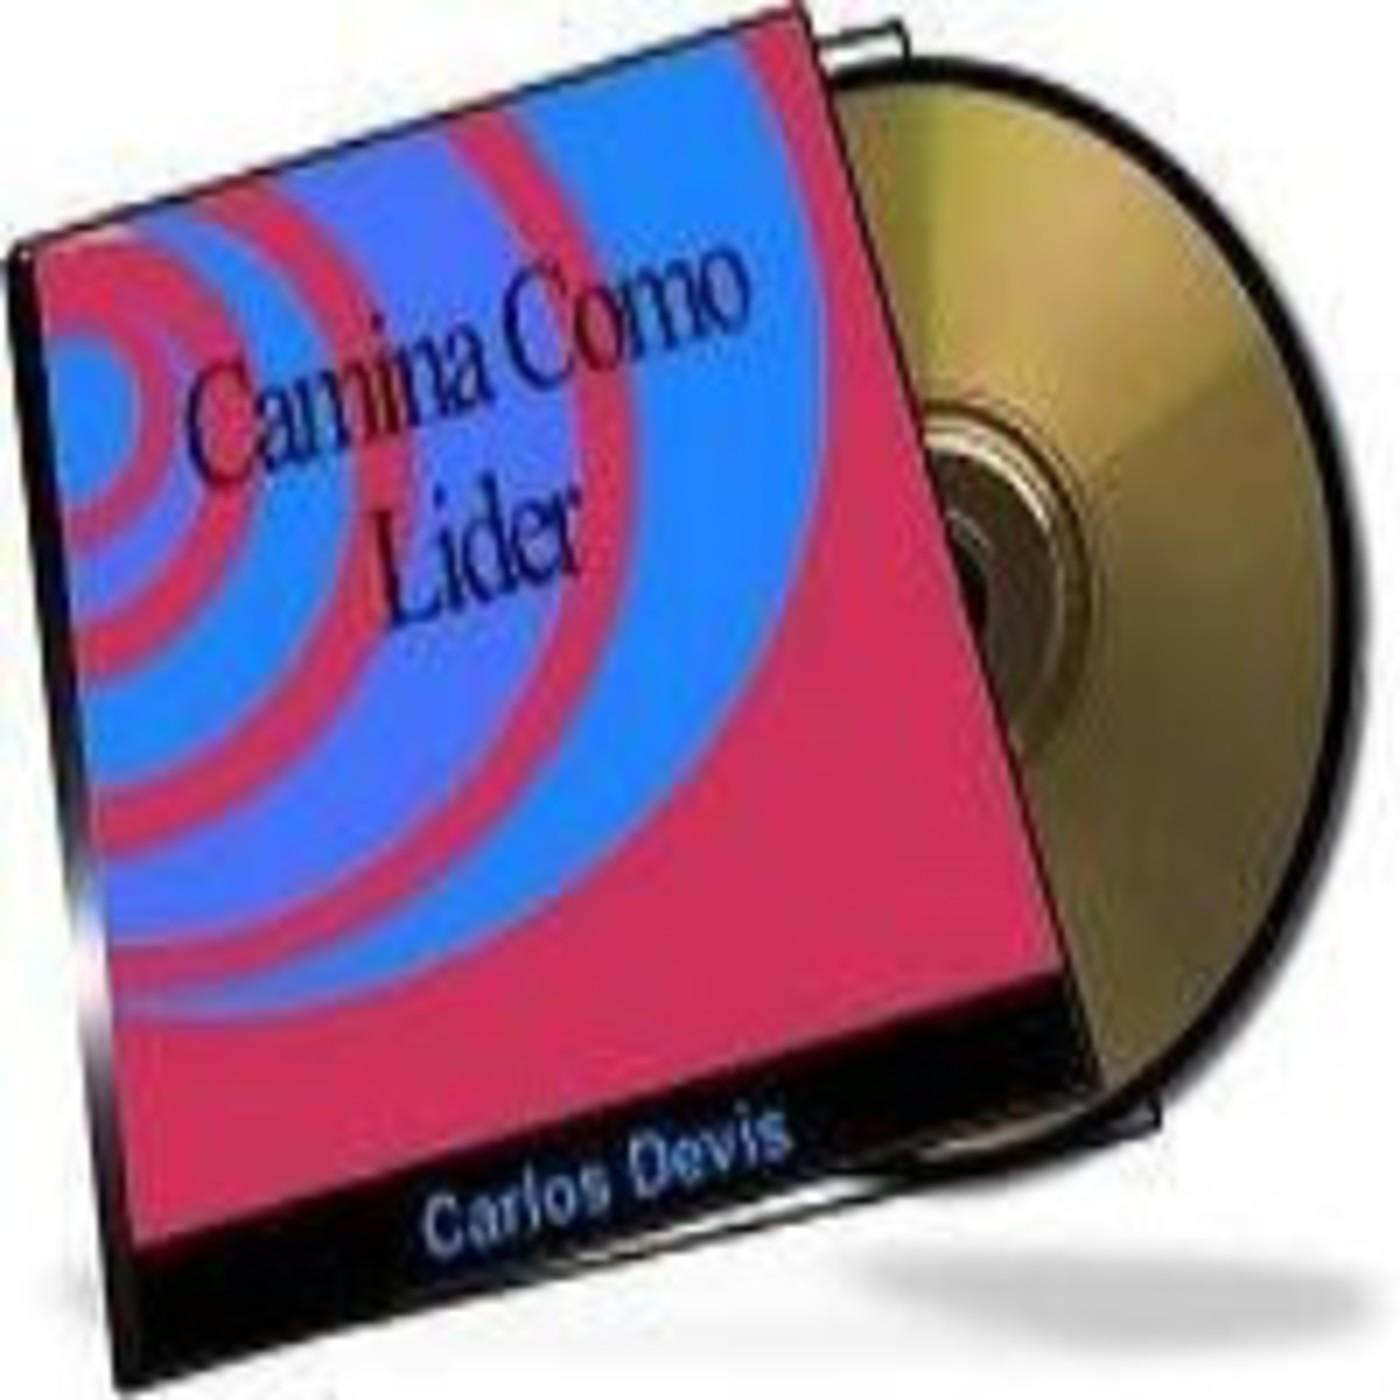 [01/01]Camina Como Lider - Carlos Devis